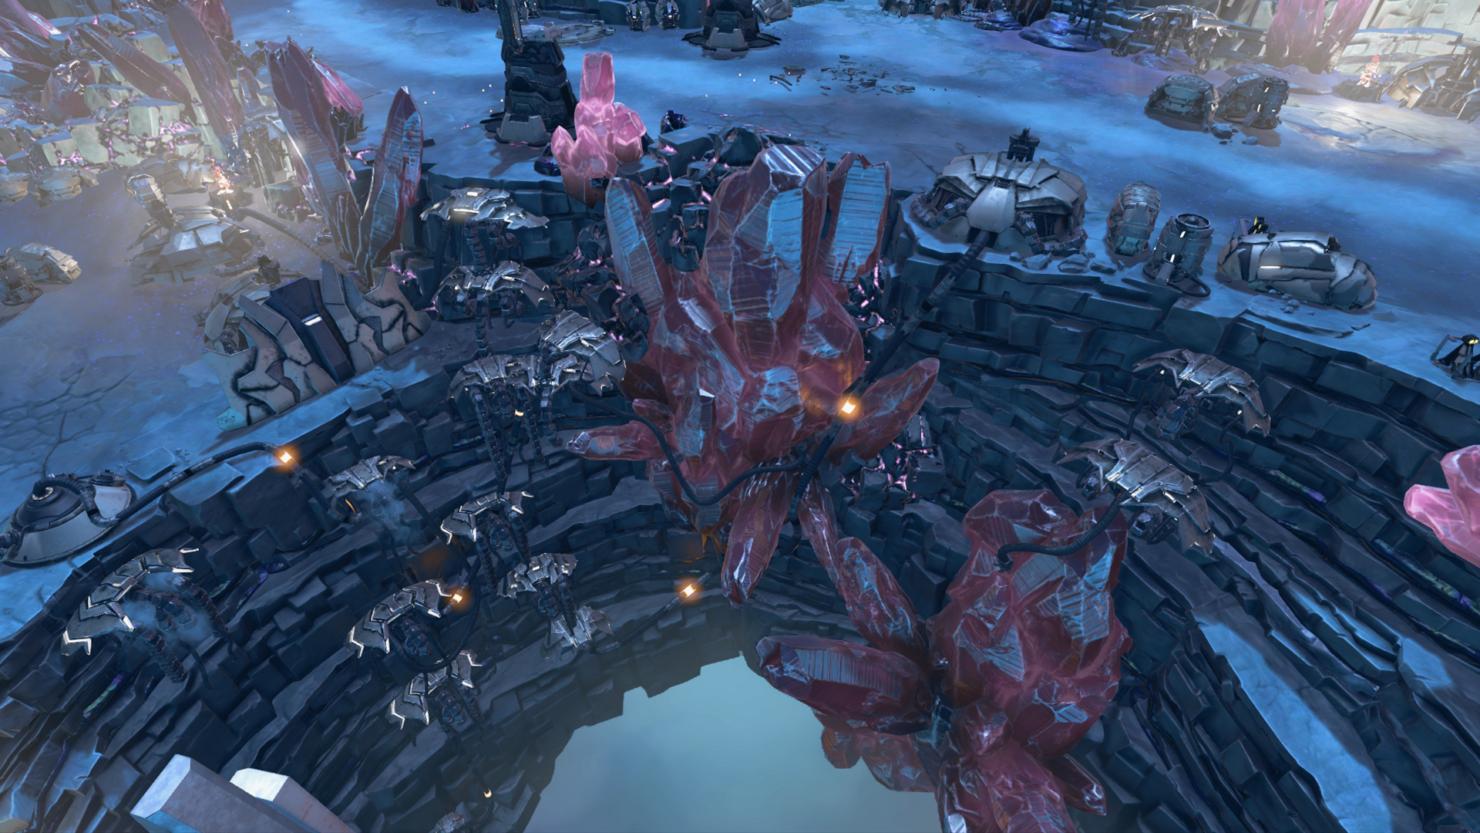 Halo wars 2 update